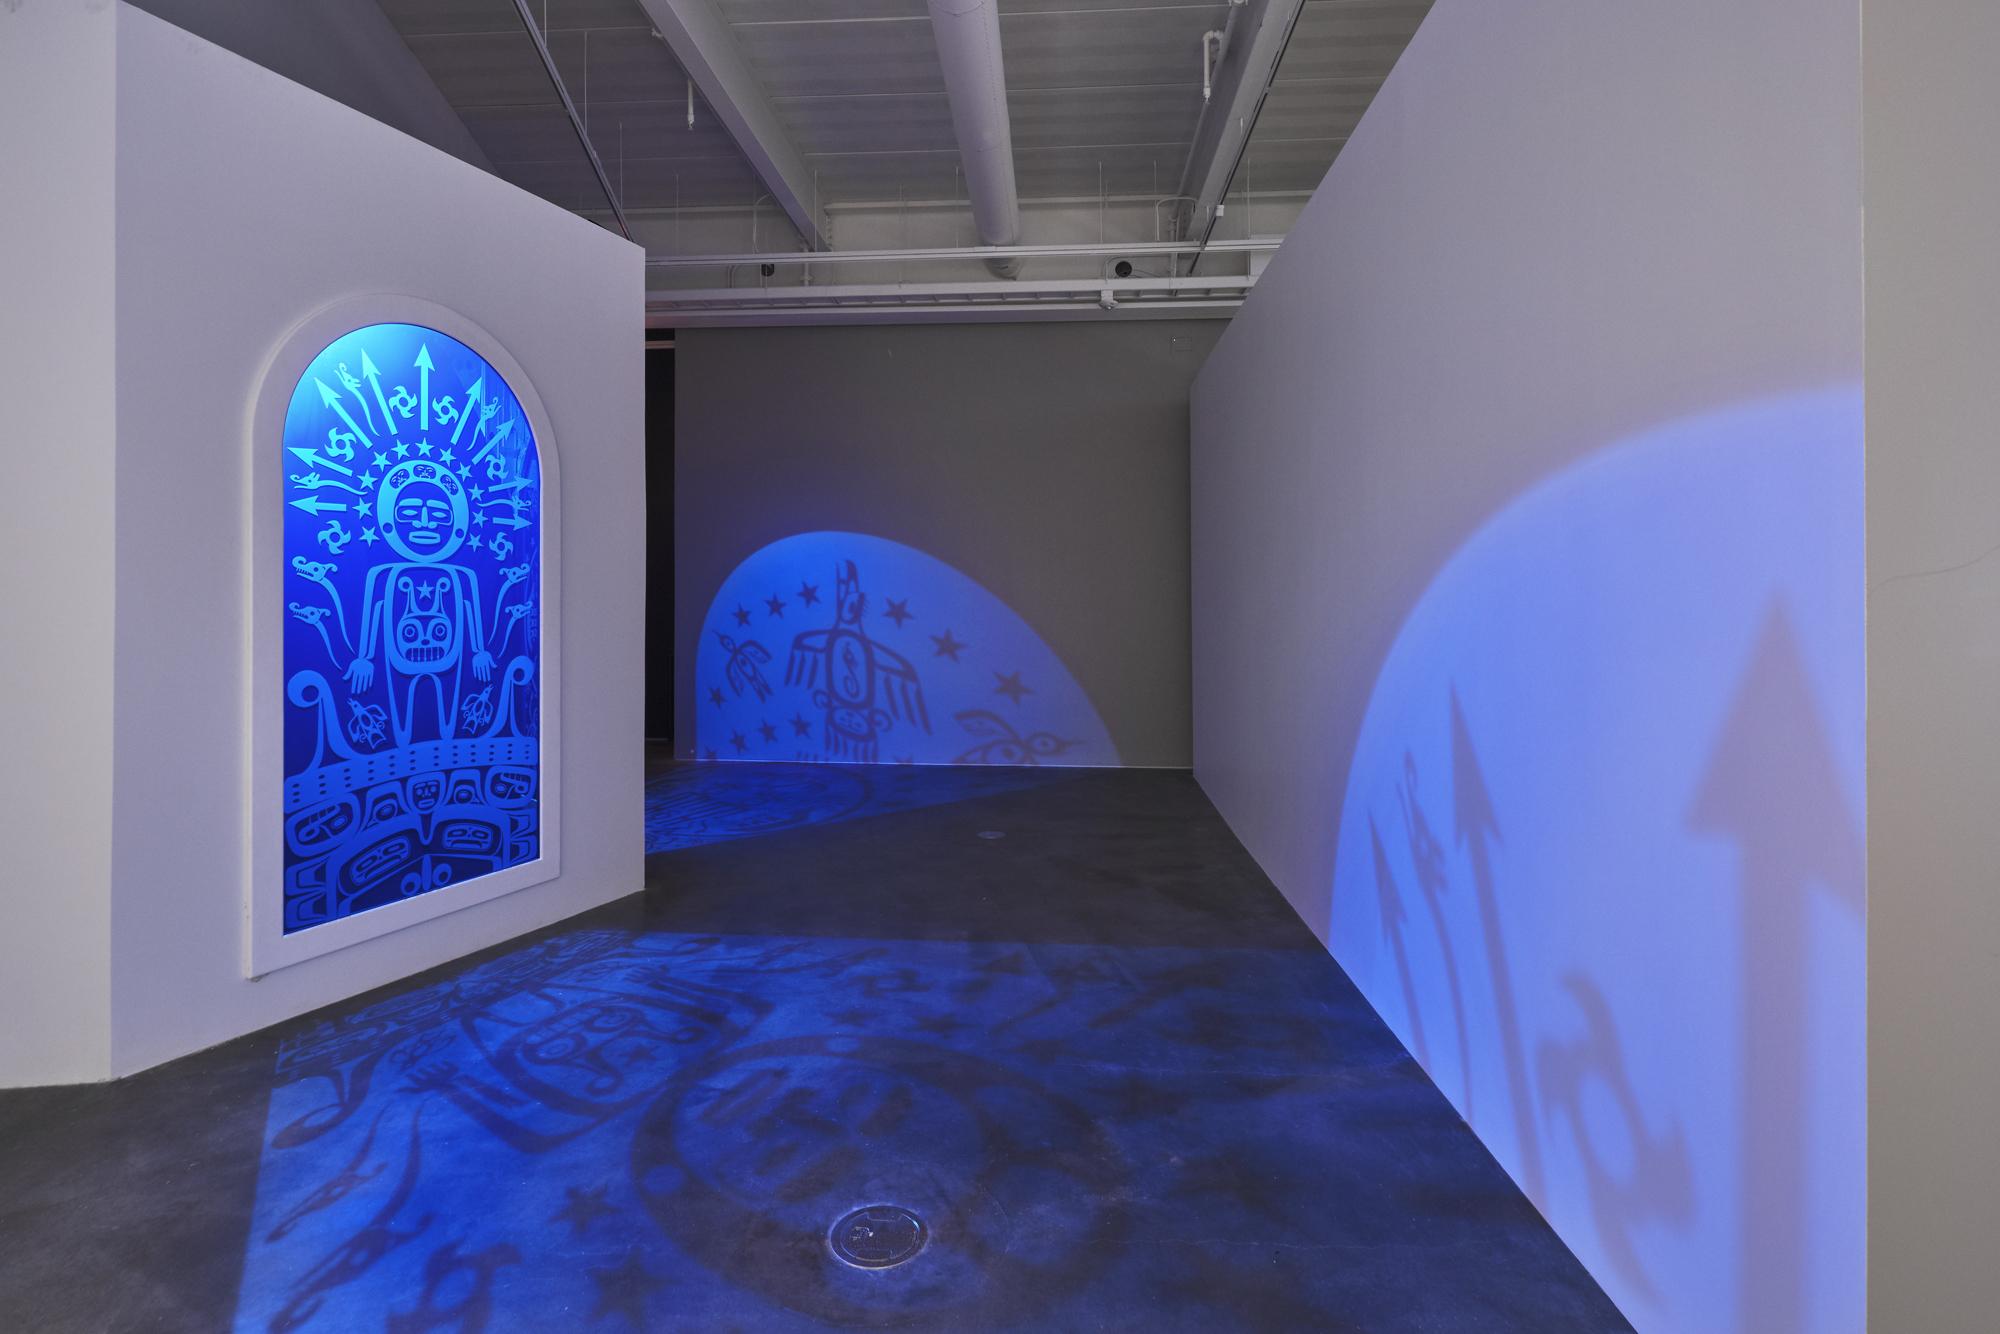 A photograph of a light sculpture emitting a blue light in an empty art gallery